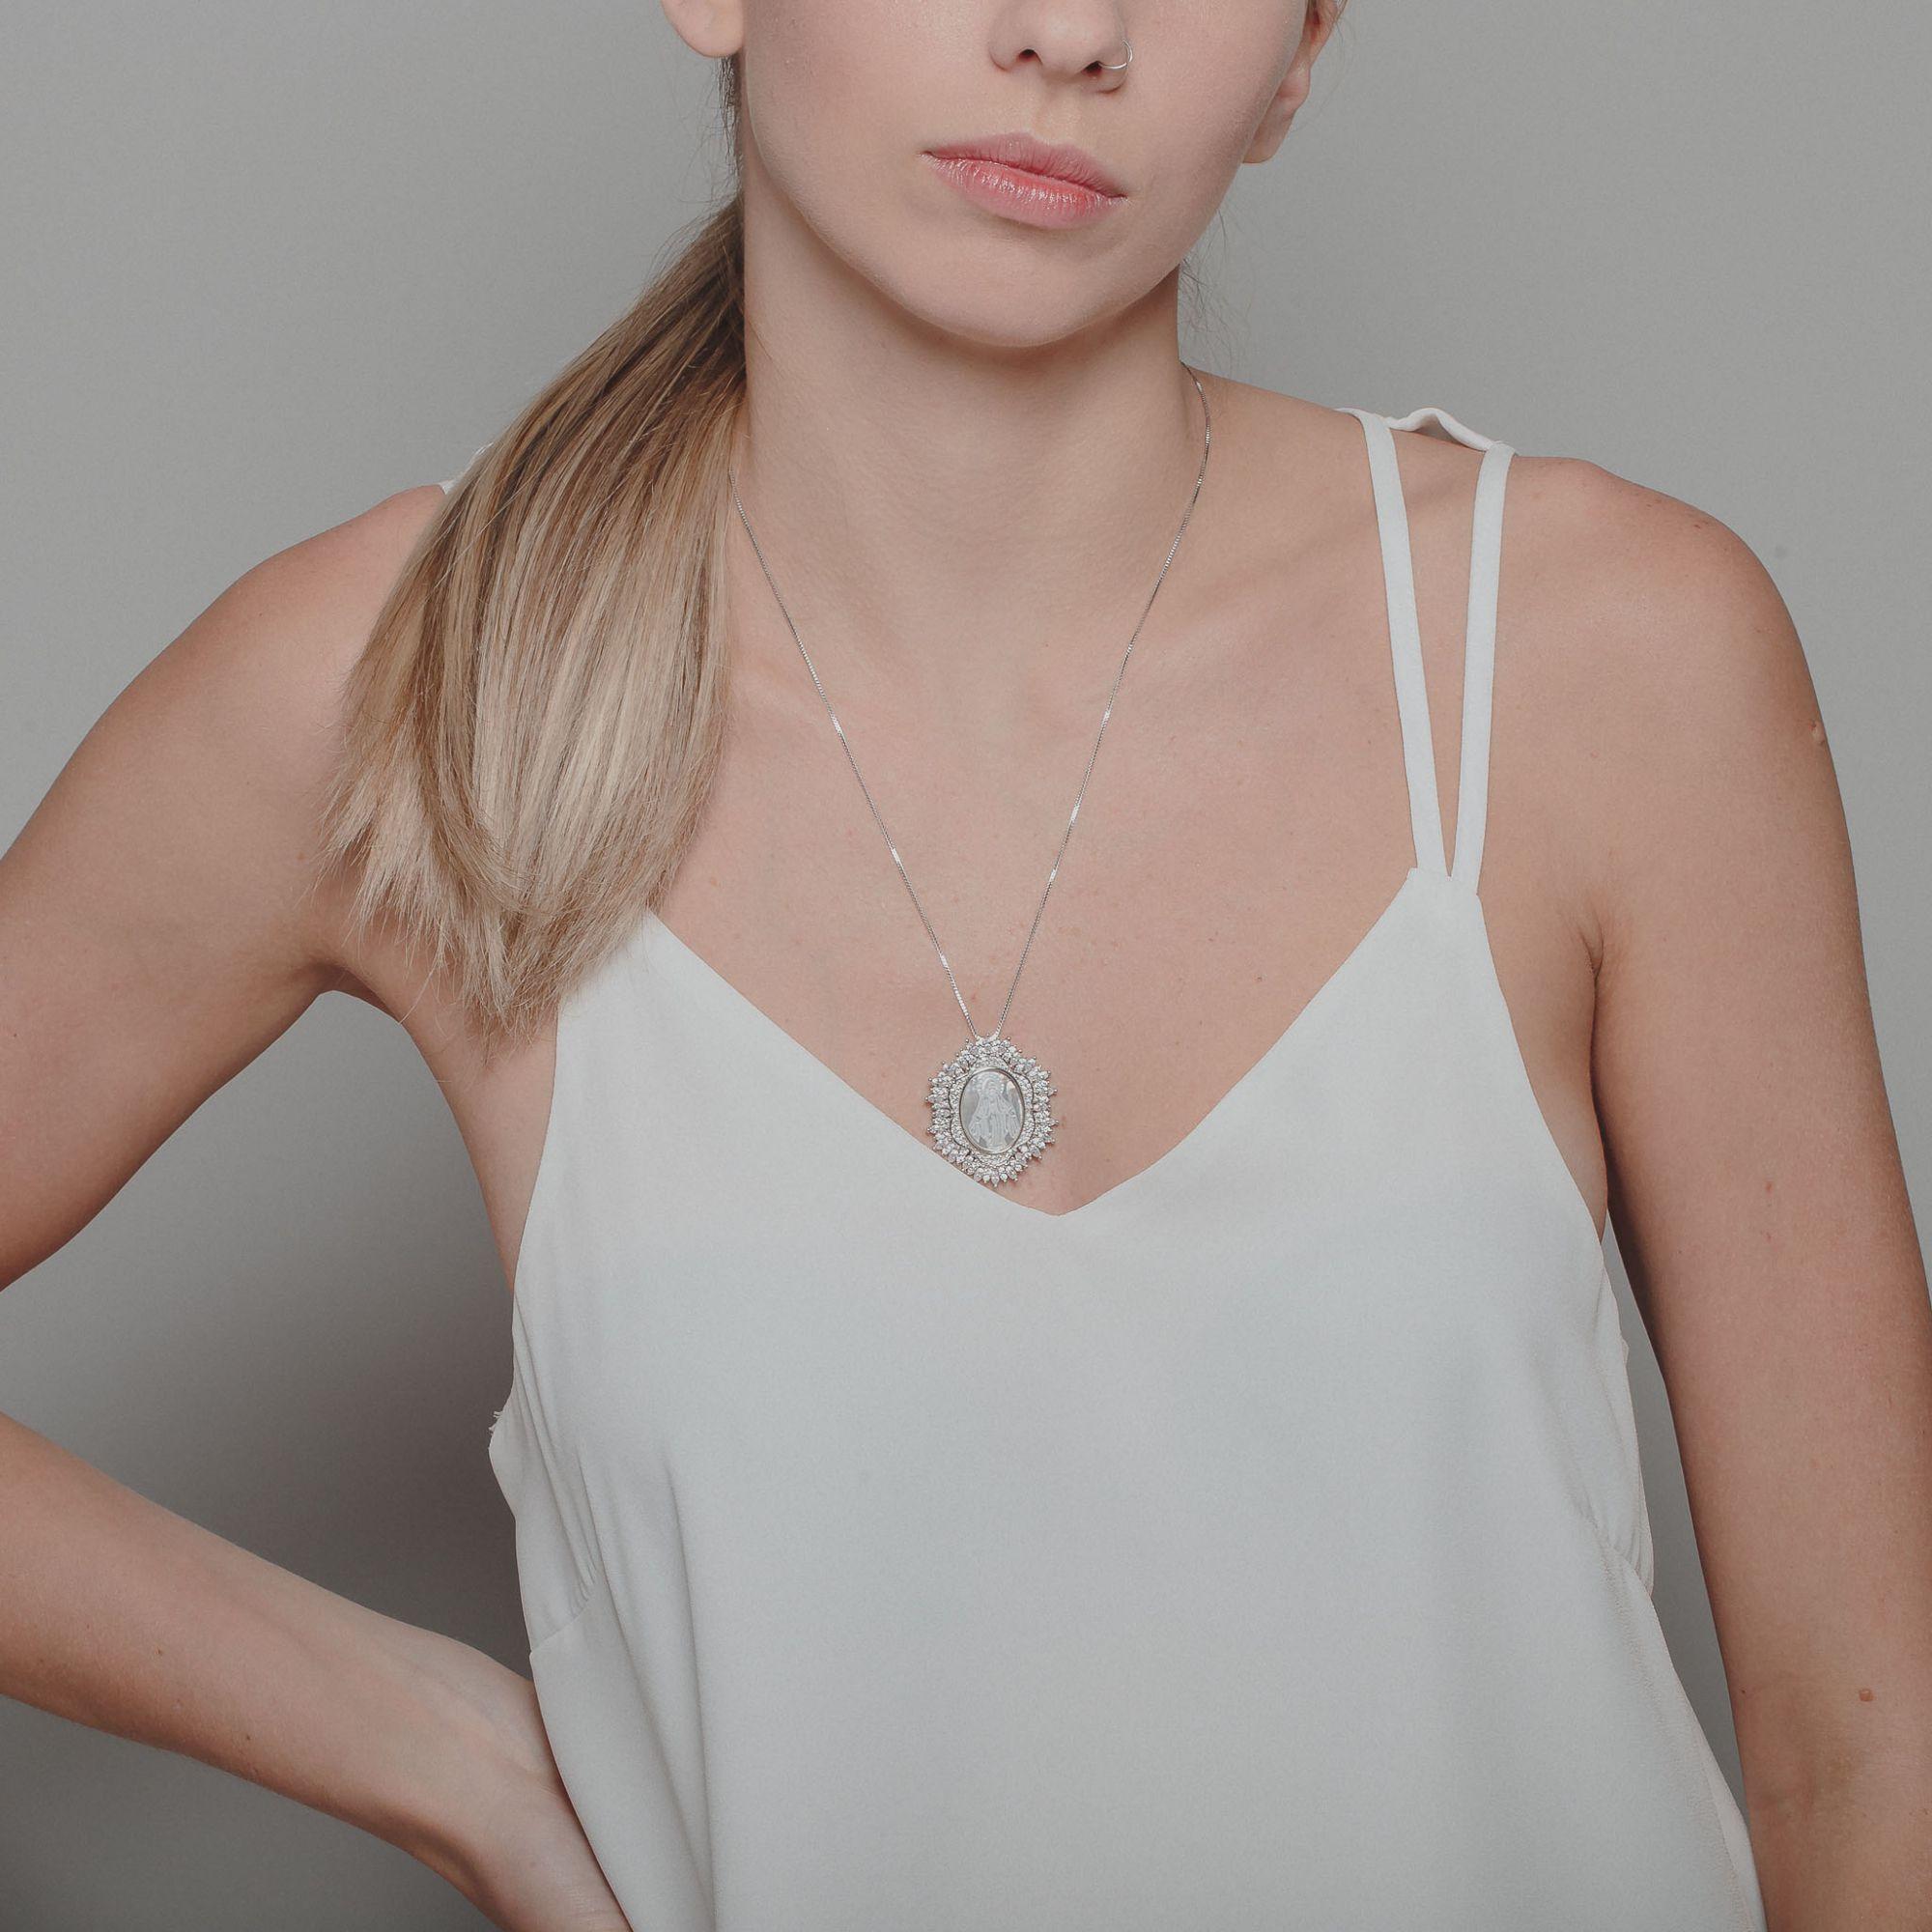 Colar com zircônias cristais e madre pérola banho de ródio branco.  - romabrazil.com.br